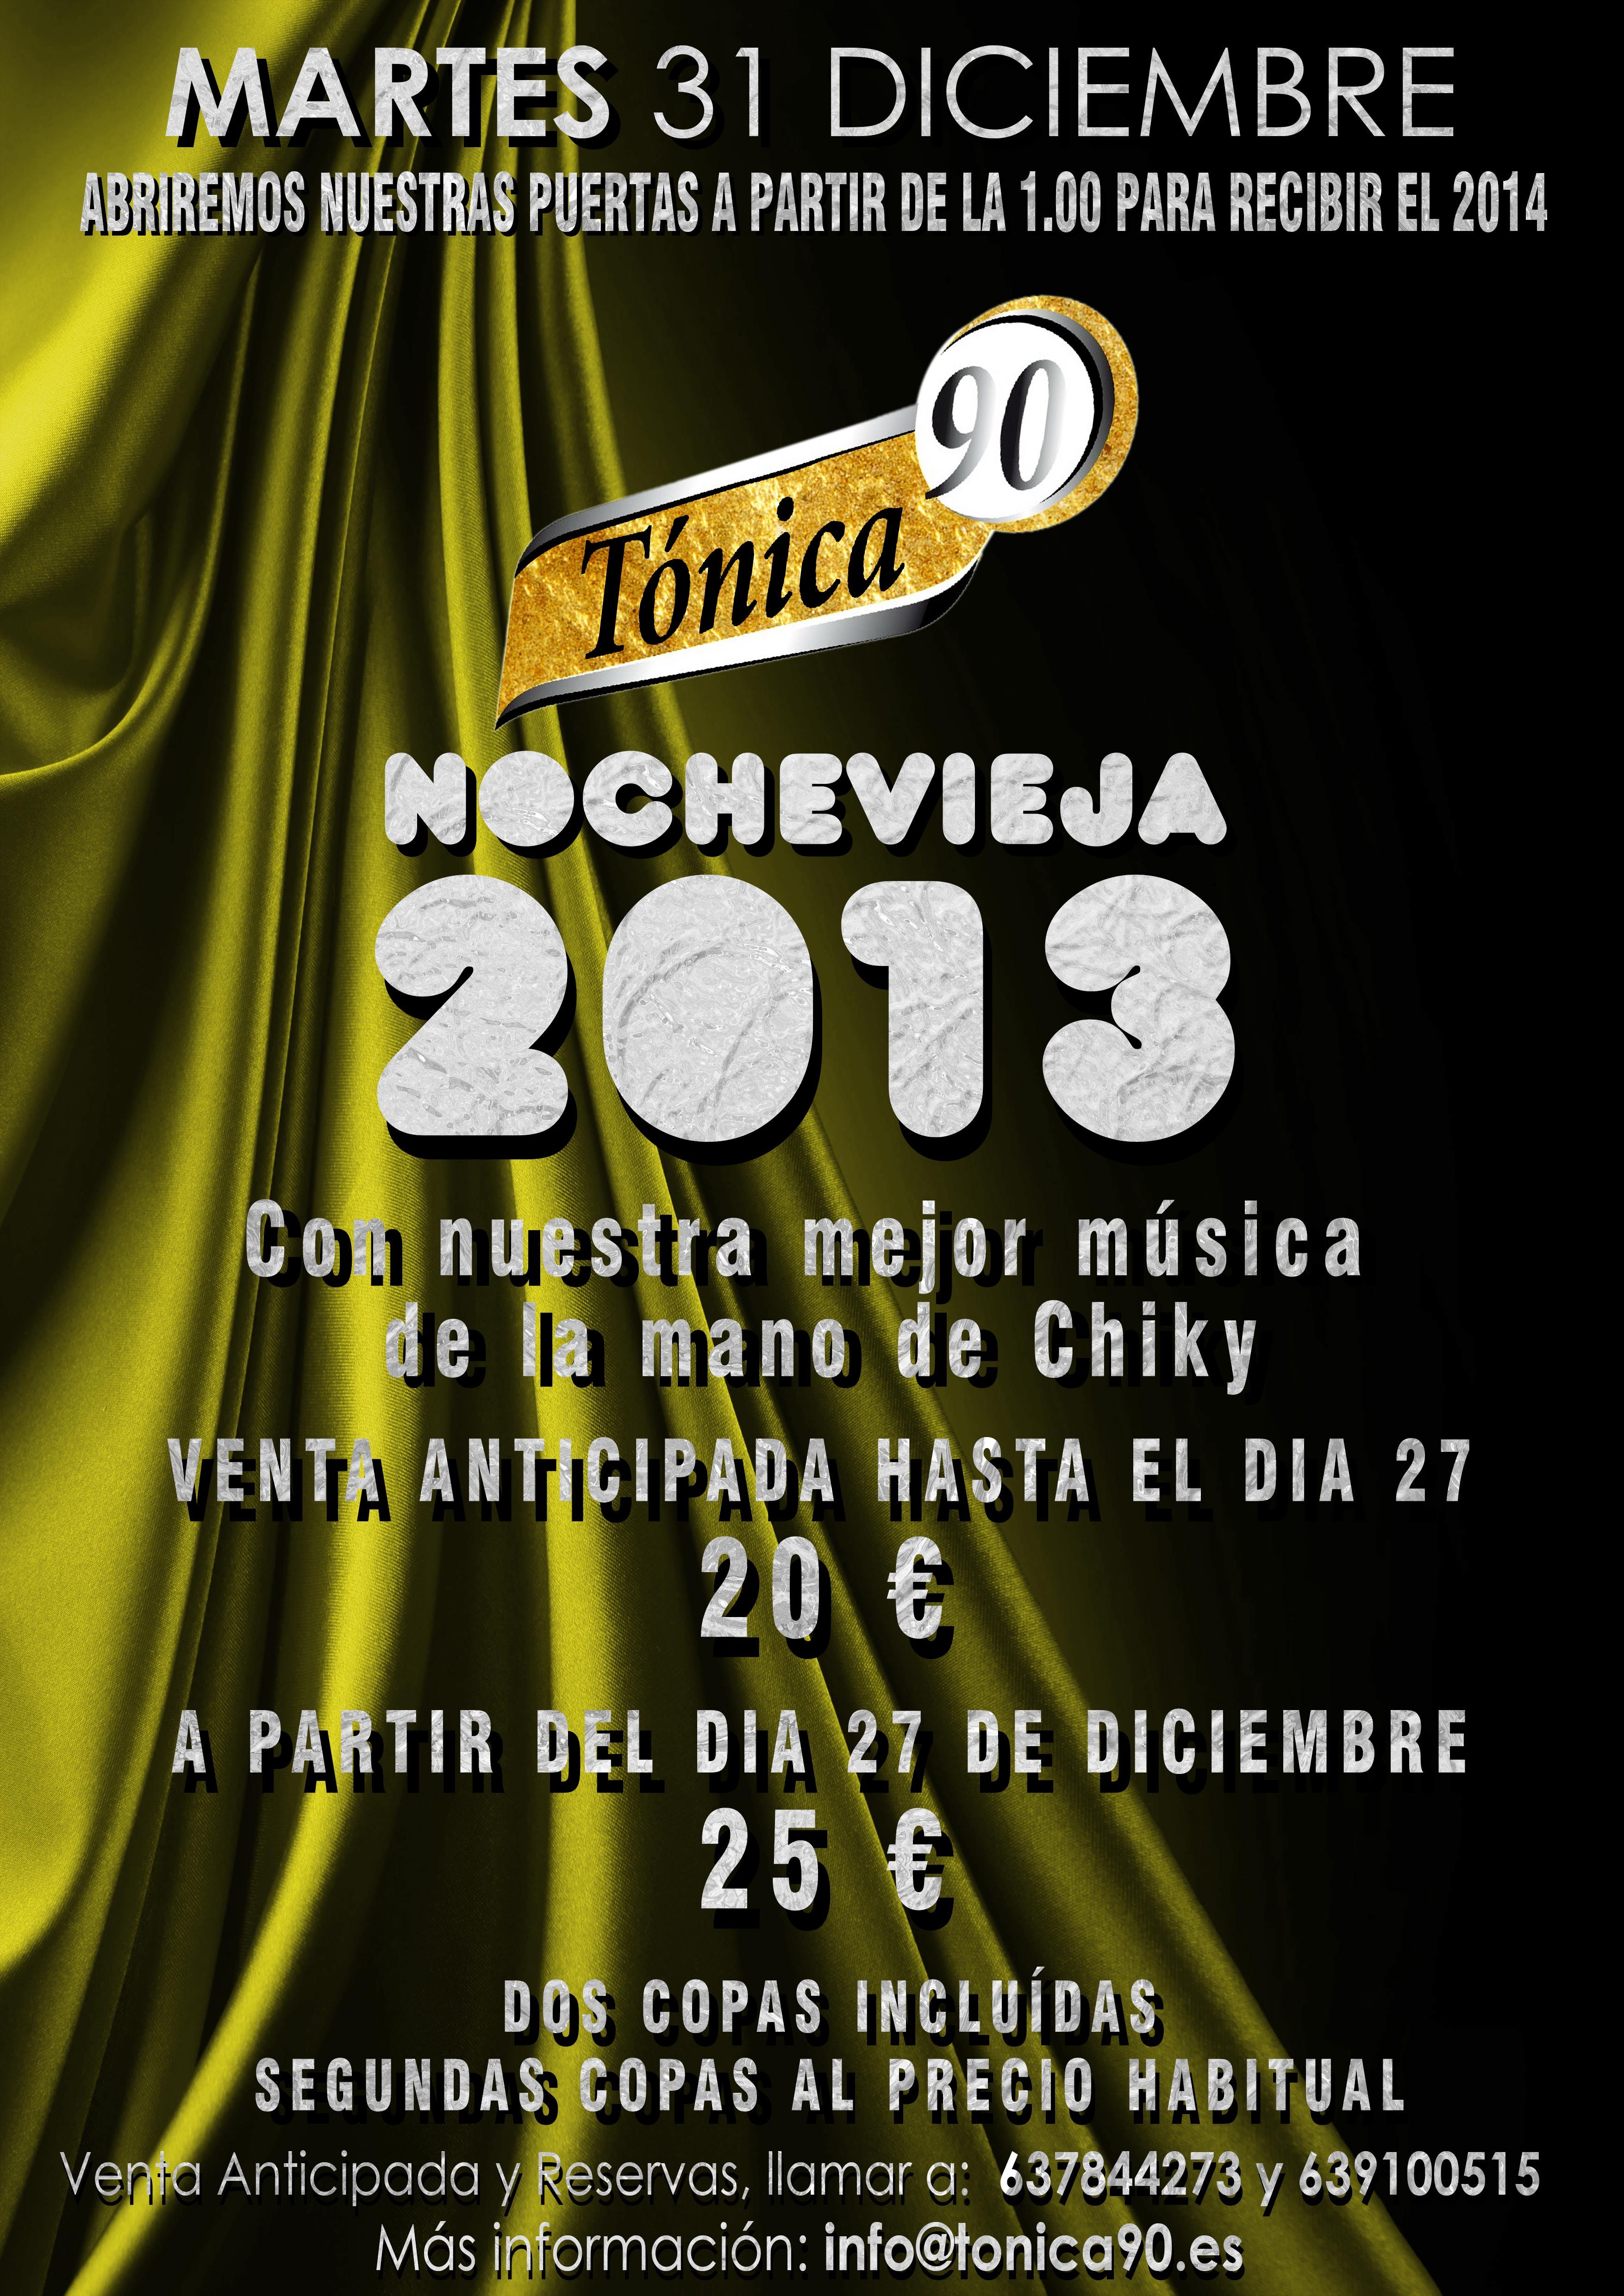 Fiesta nochevieja 2013